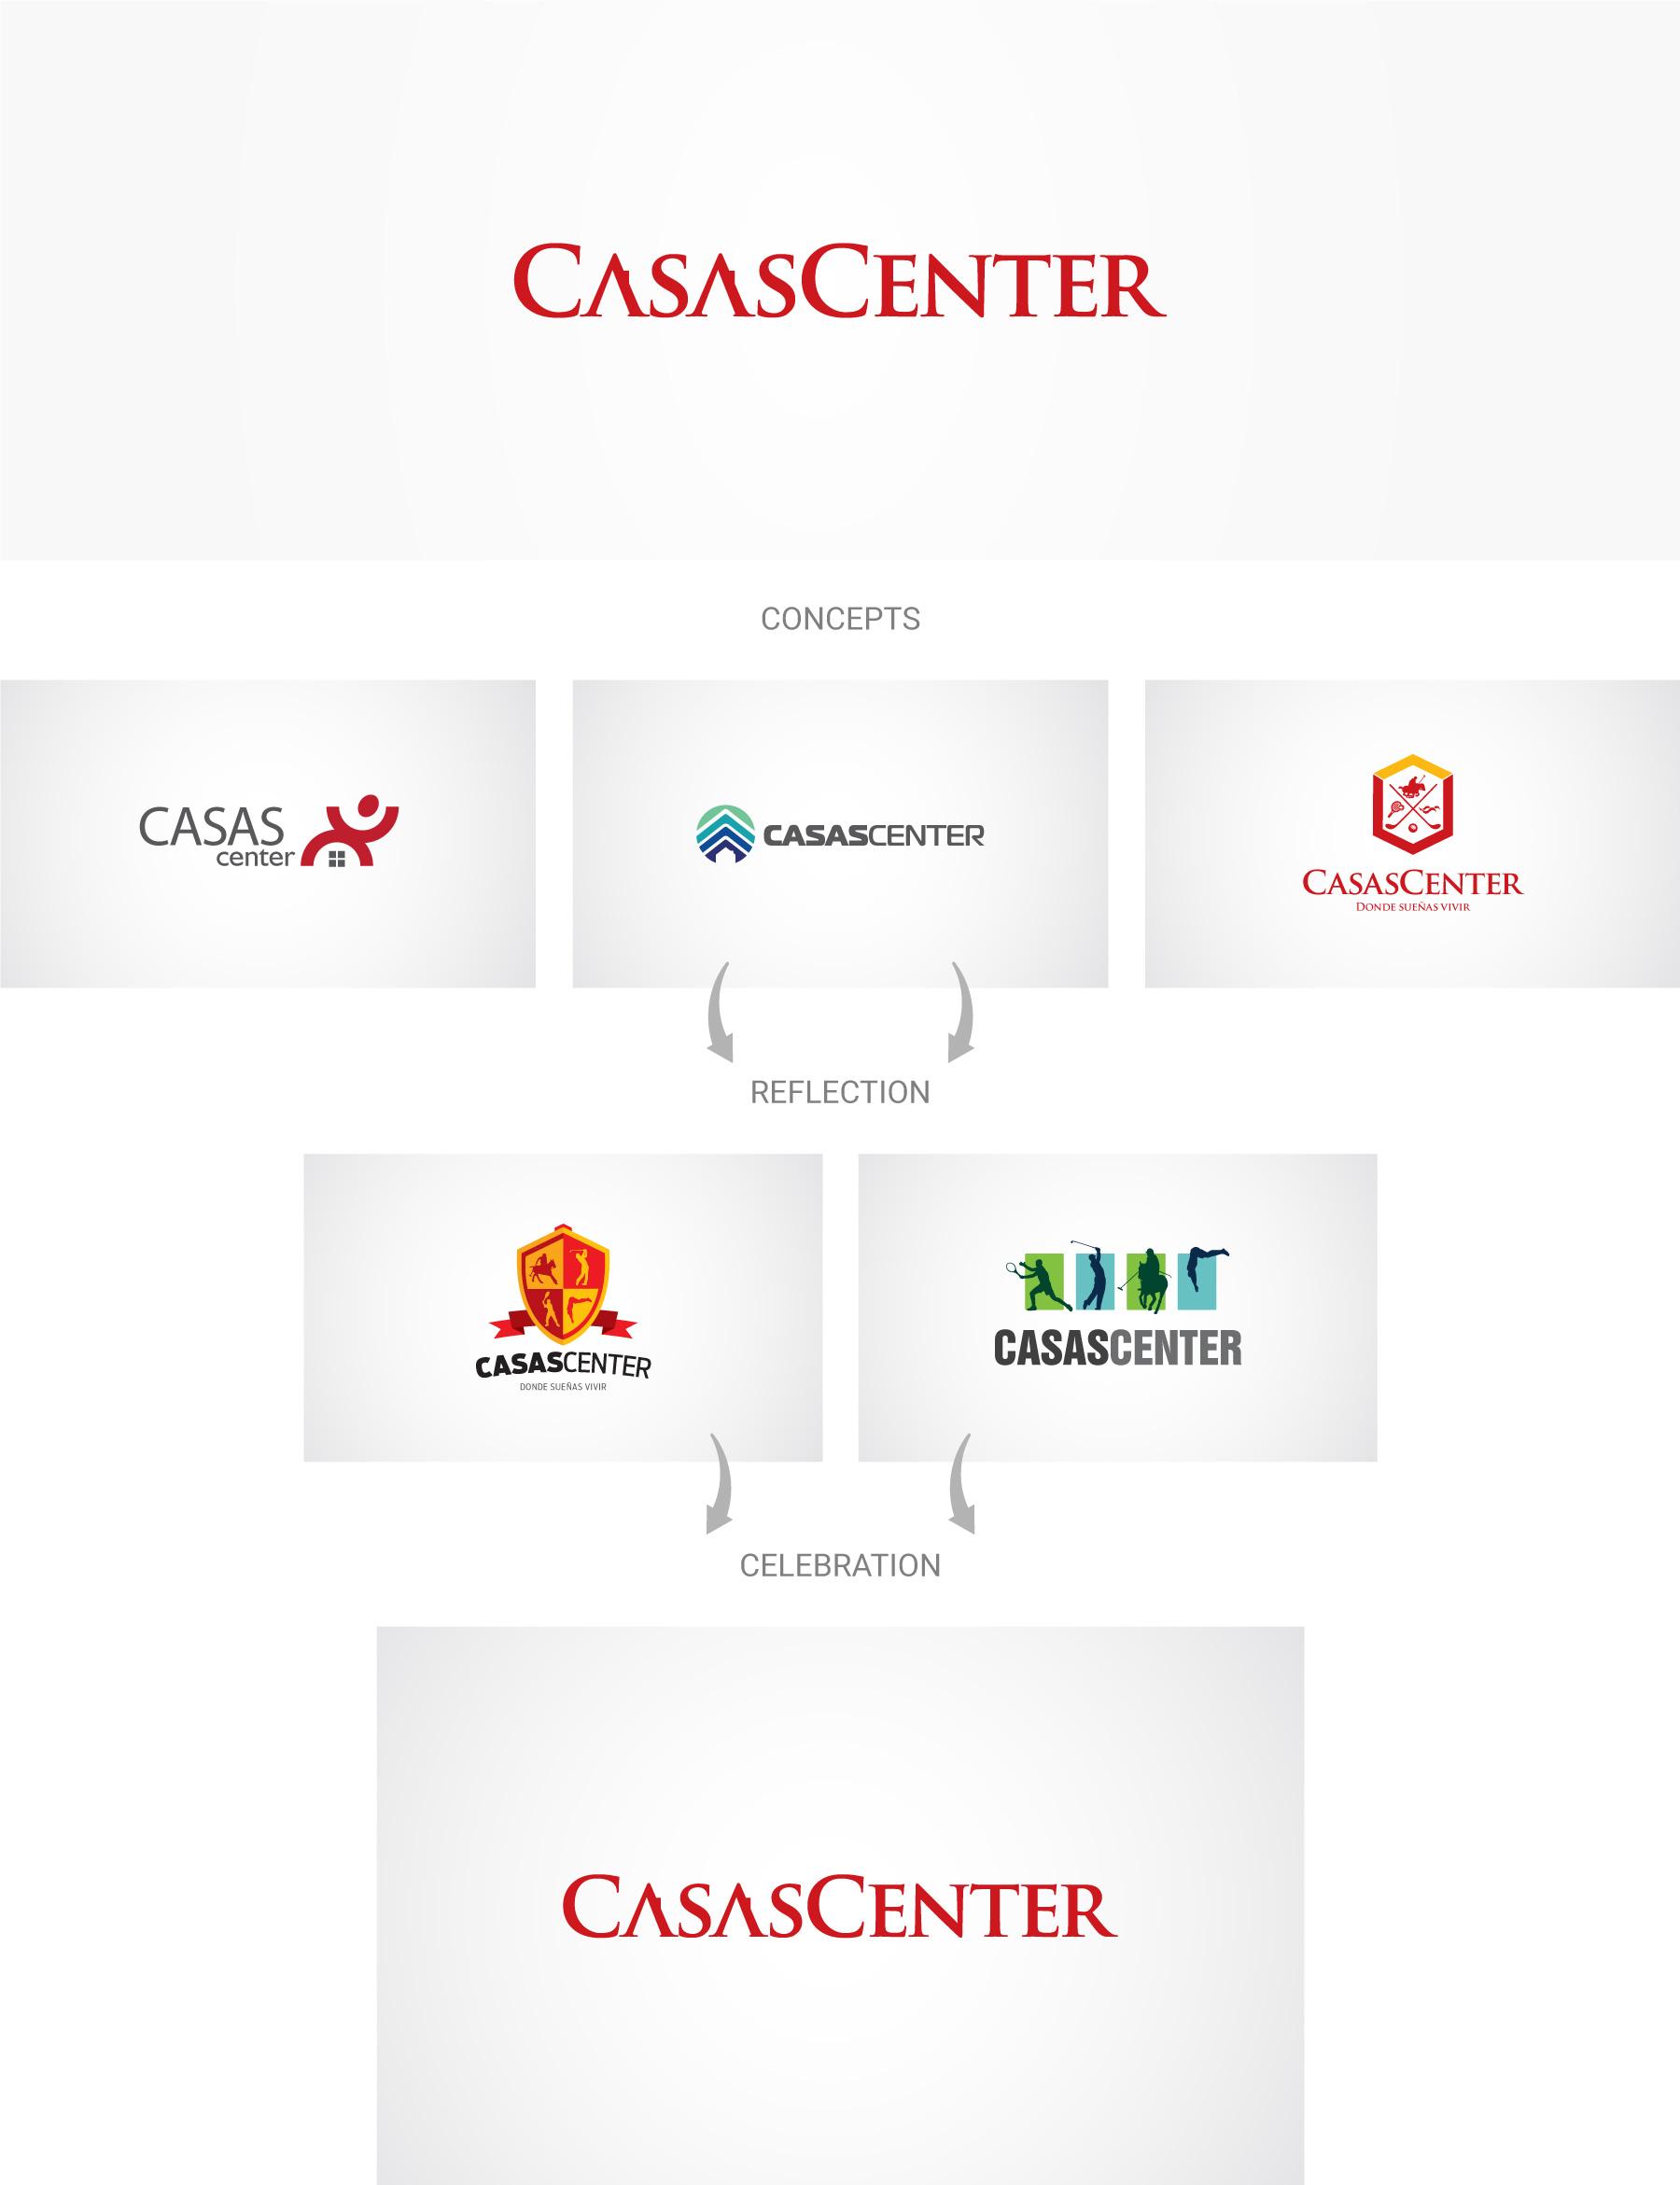 Casascenter-logo-design